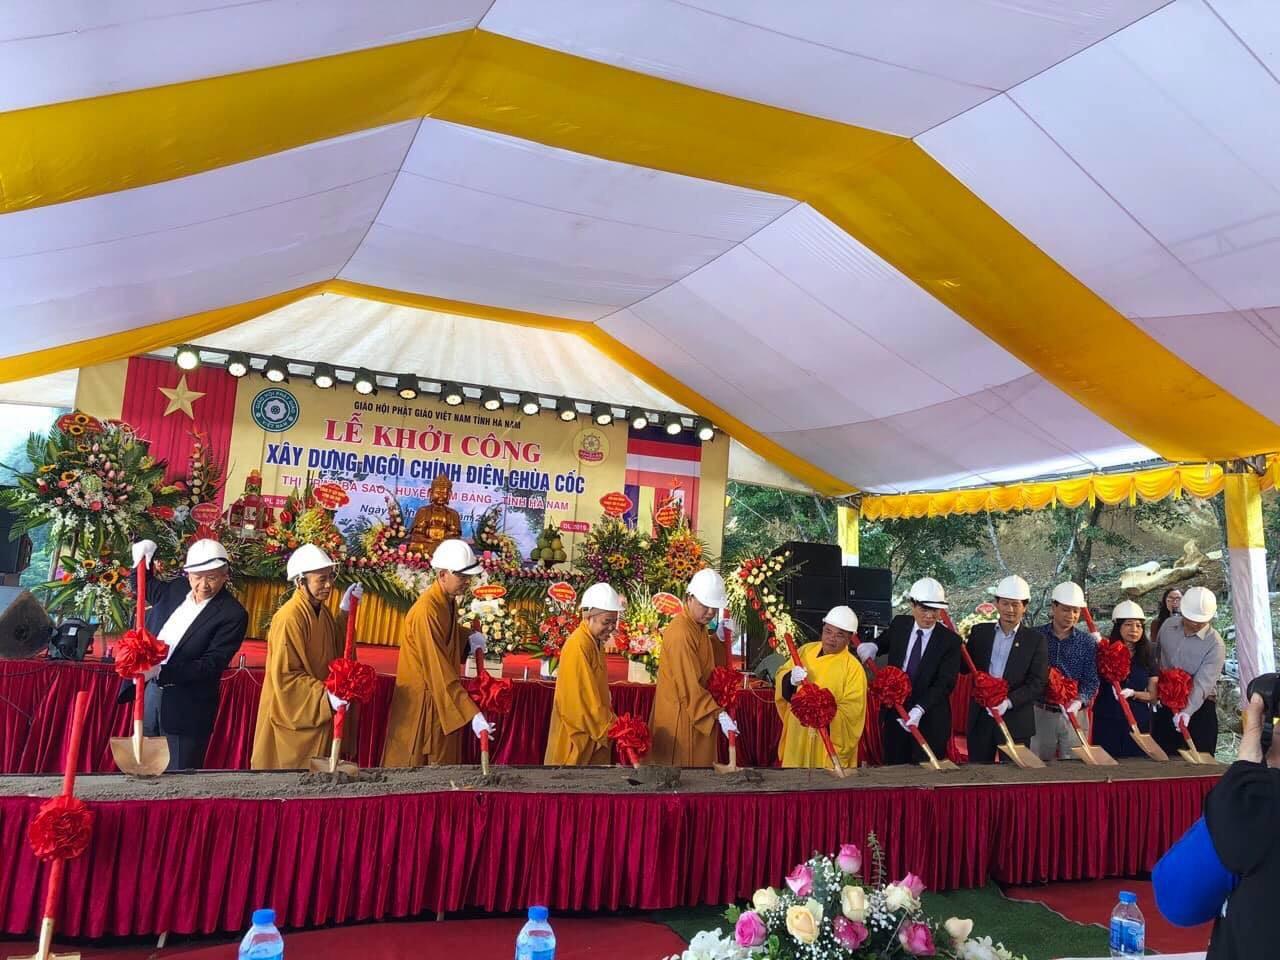 Hà Nam: lễ động thổ khởi công ngôi Chùa Cốc (Thiên Phúc Tự), thị trấn Ba Sao, Kim Bảng, Hà Nam.